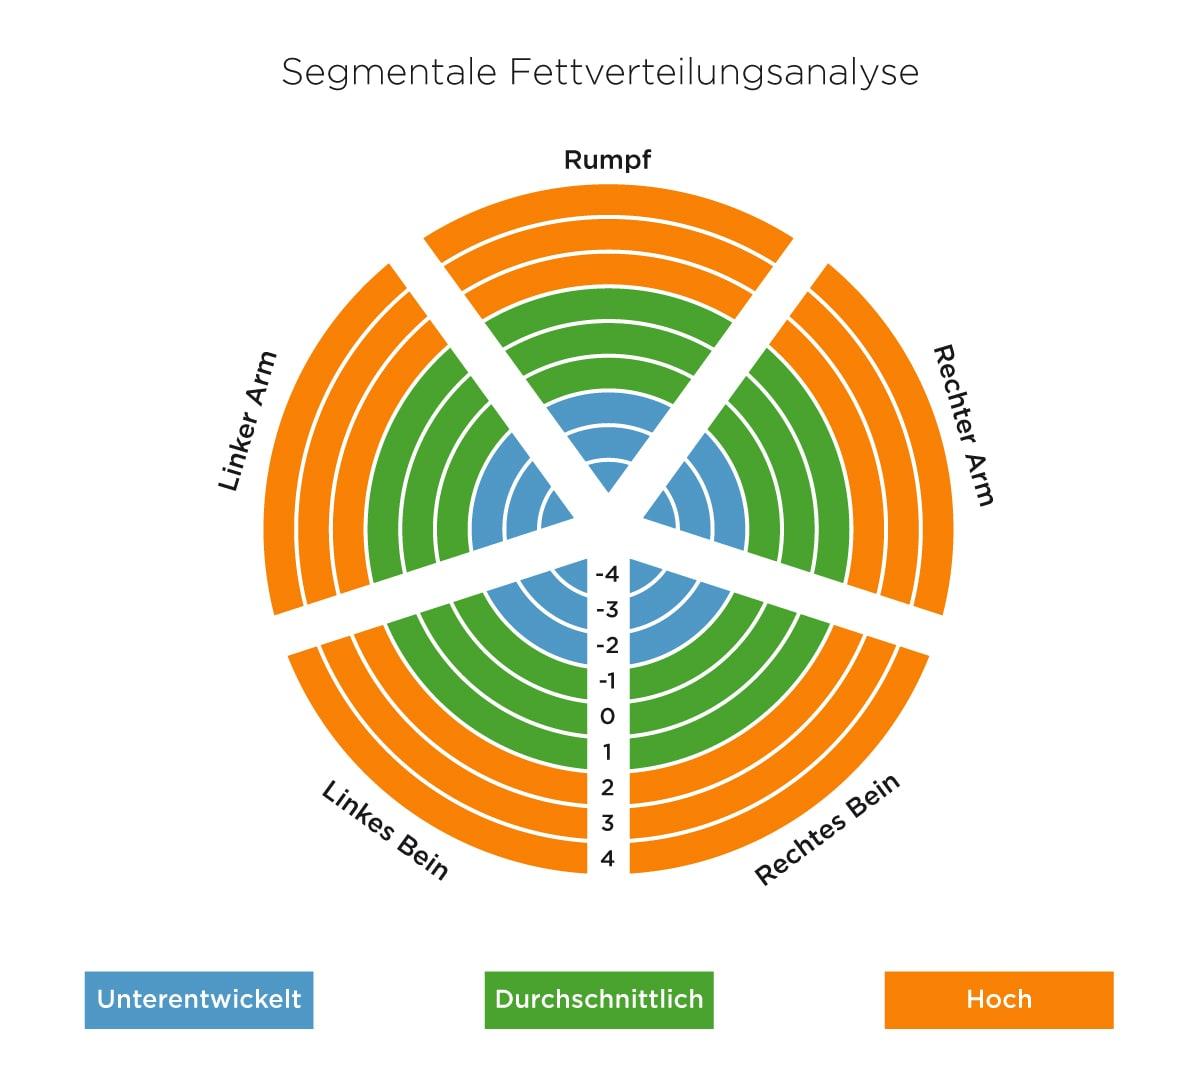 Segmentale Fettverteilungsanalyse